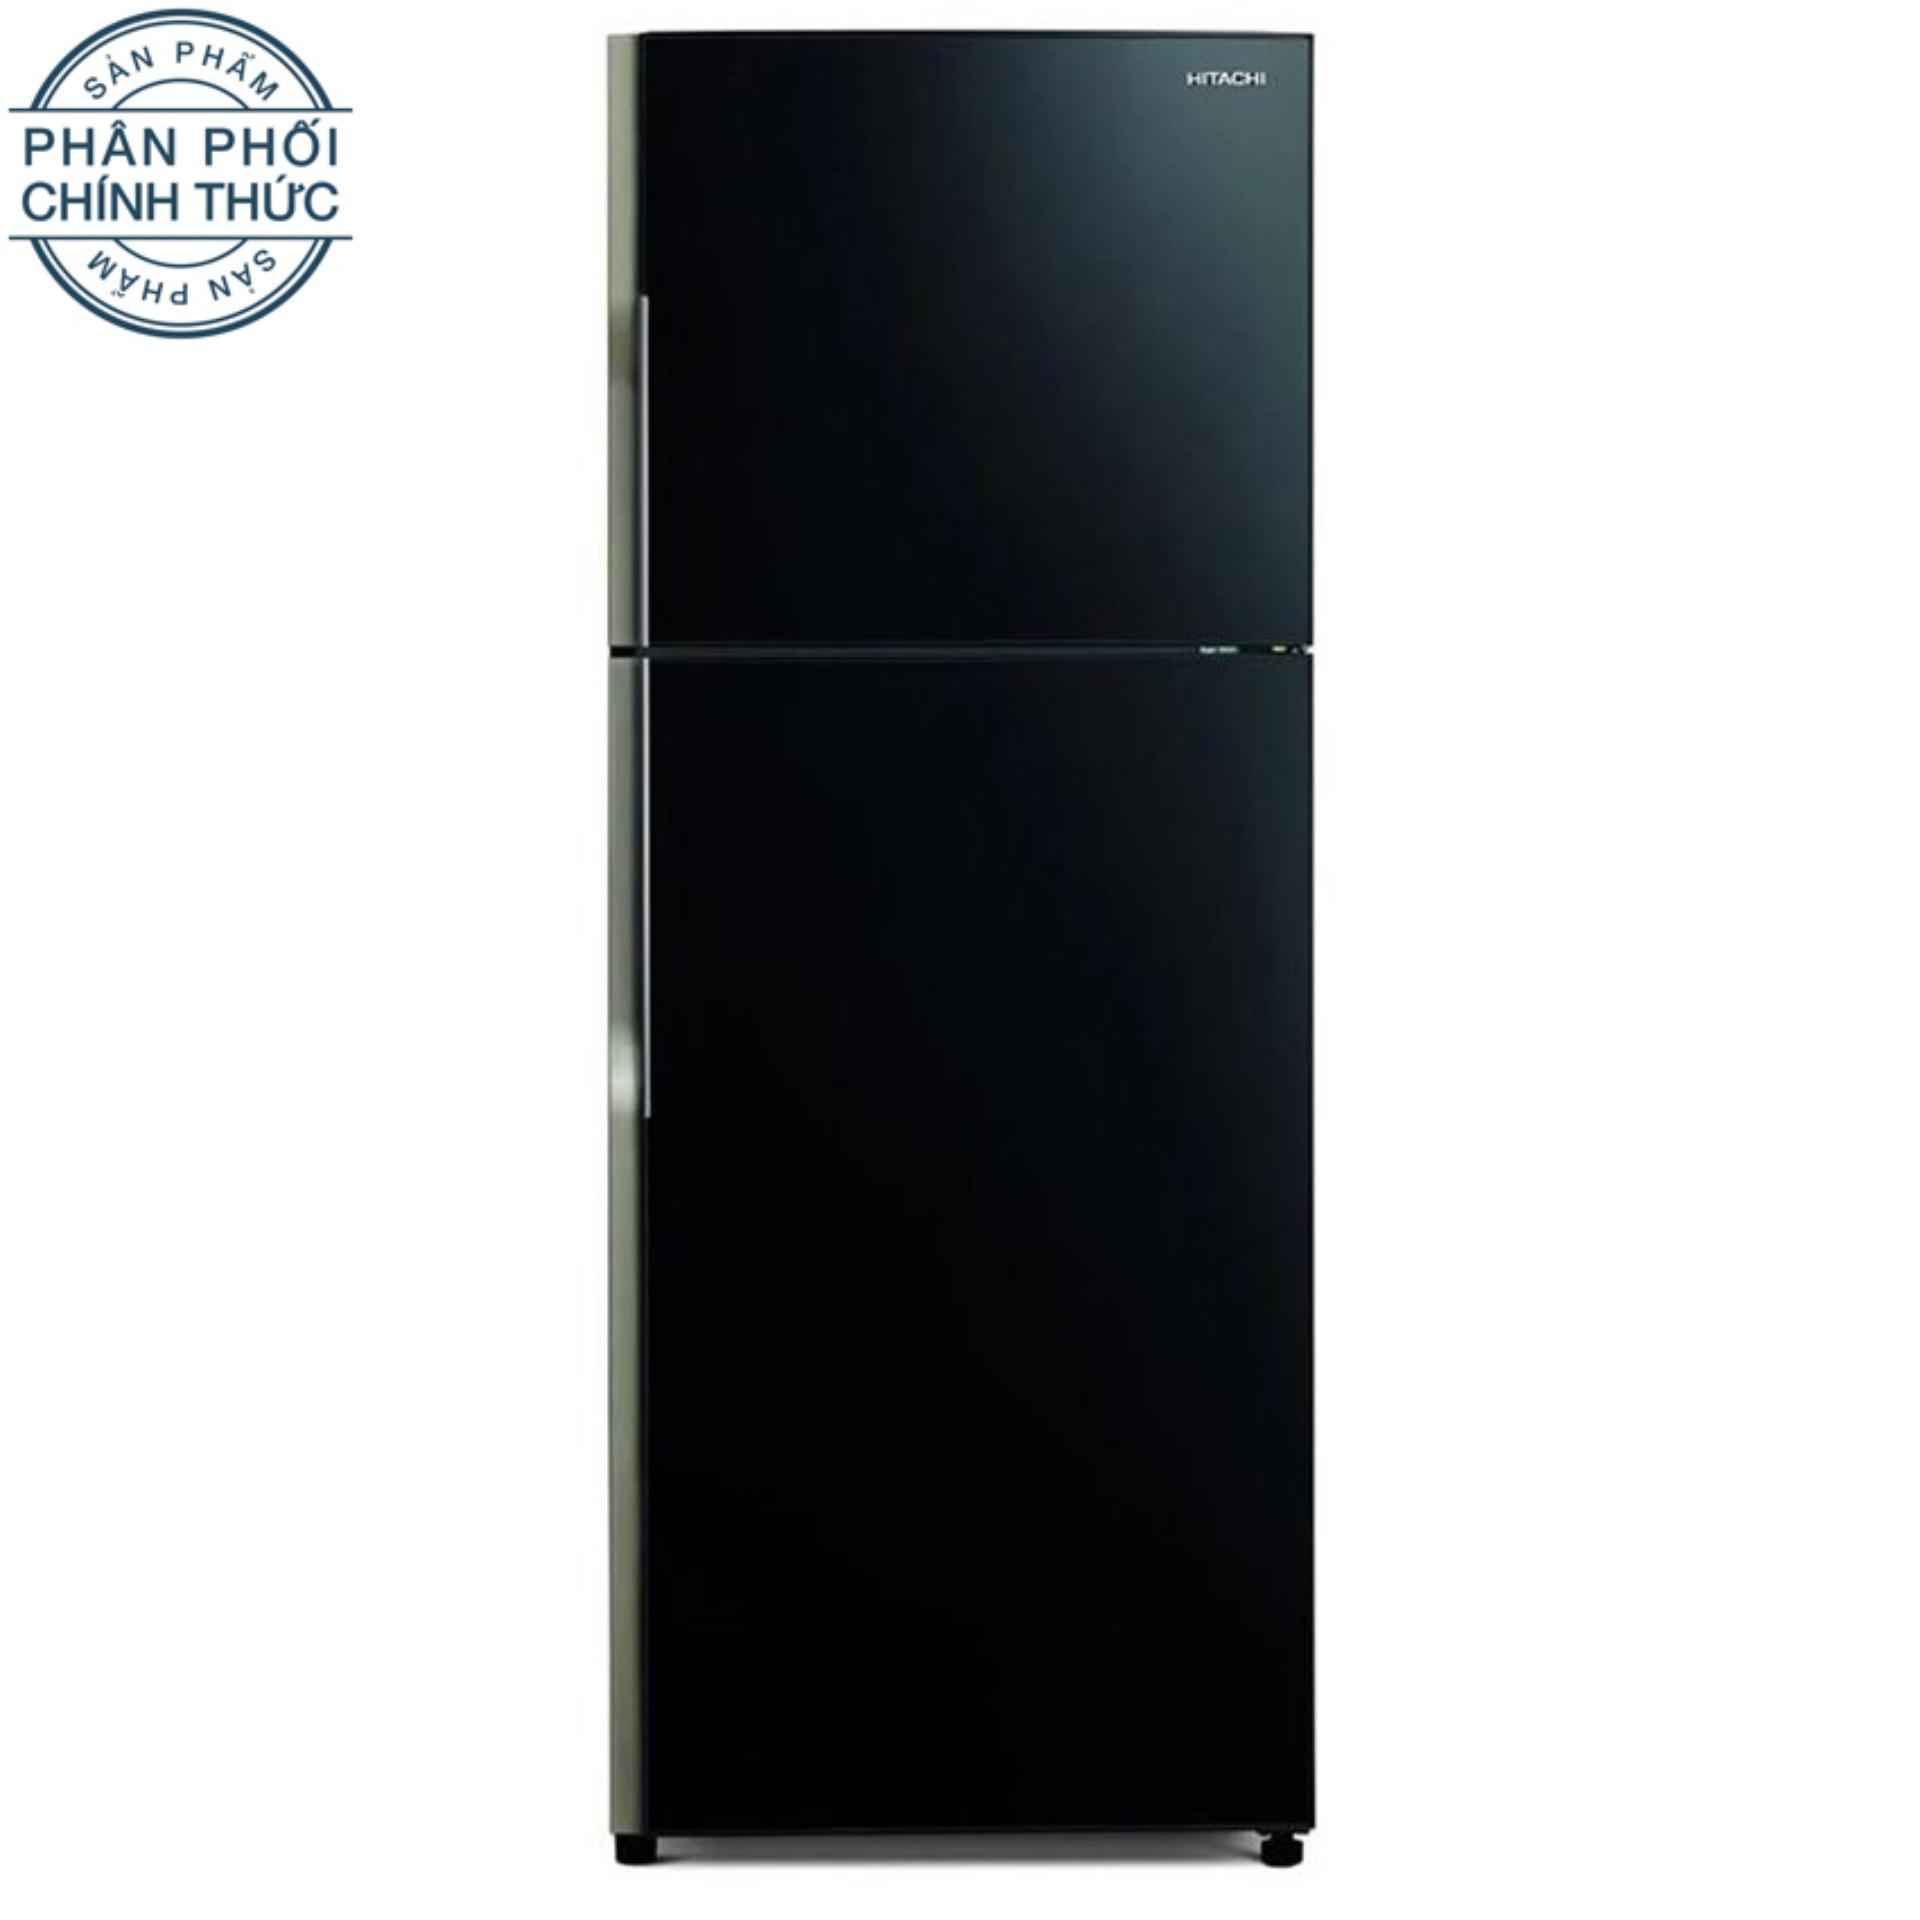 Tủ lạnh Hitachi Inverter 395 lít R-VG470PGV3